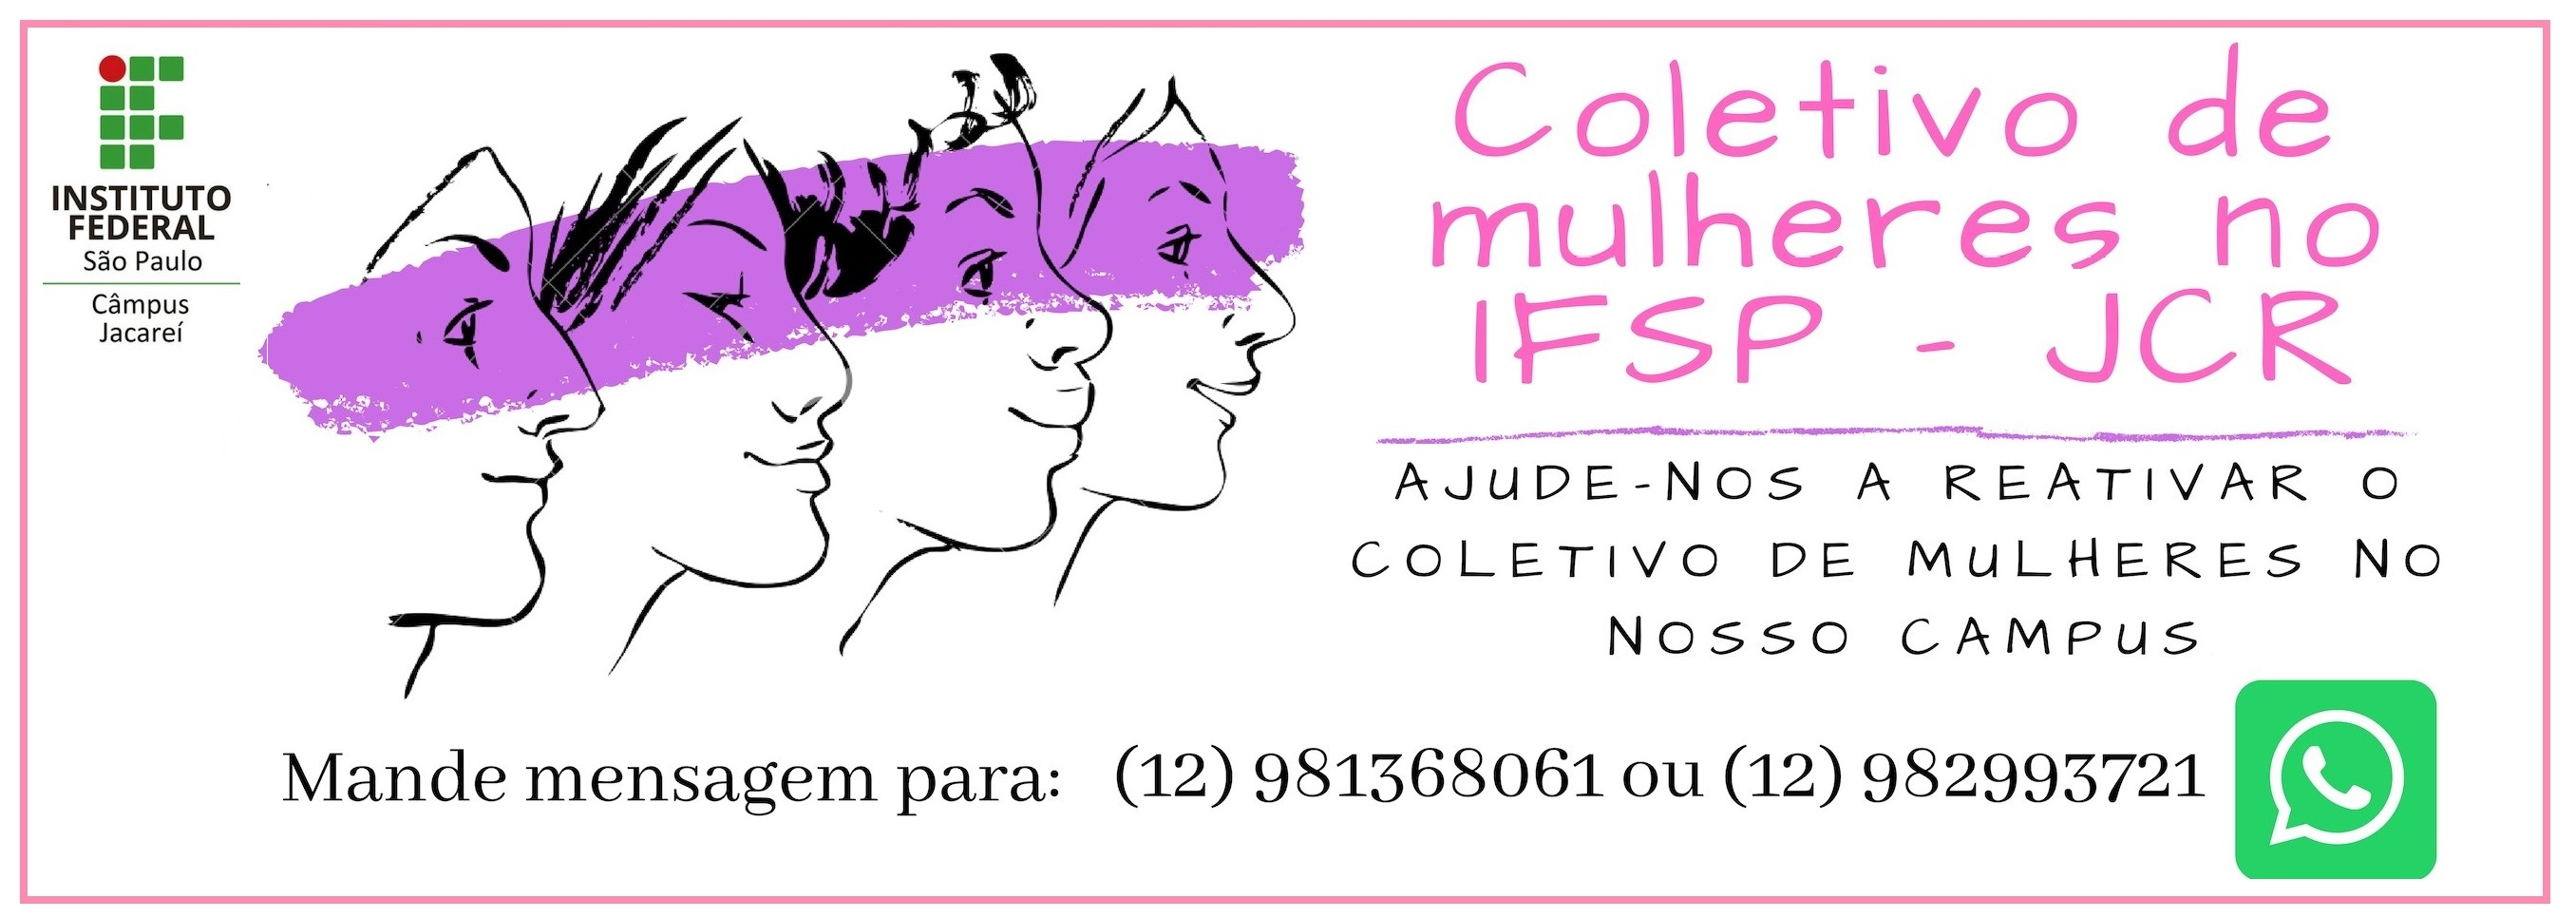 Coletivo de Mulheres no IFSP - Câmpus Jacareí